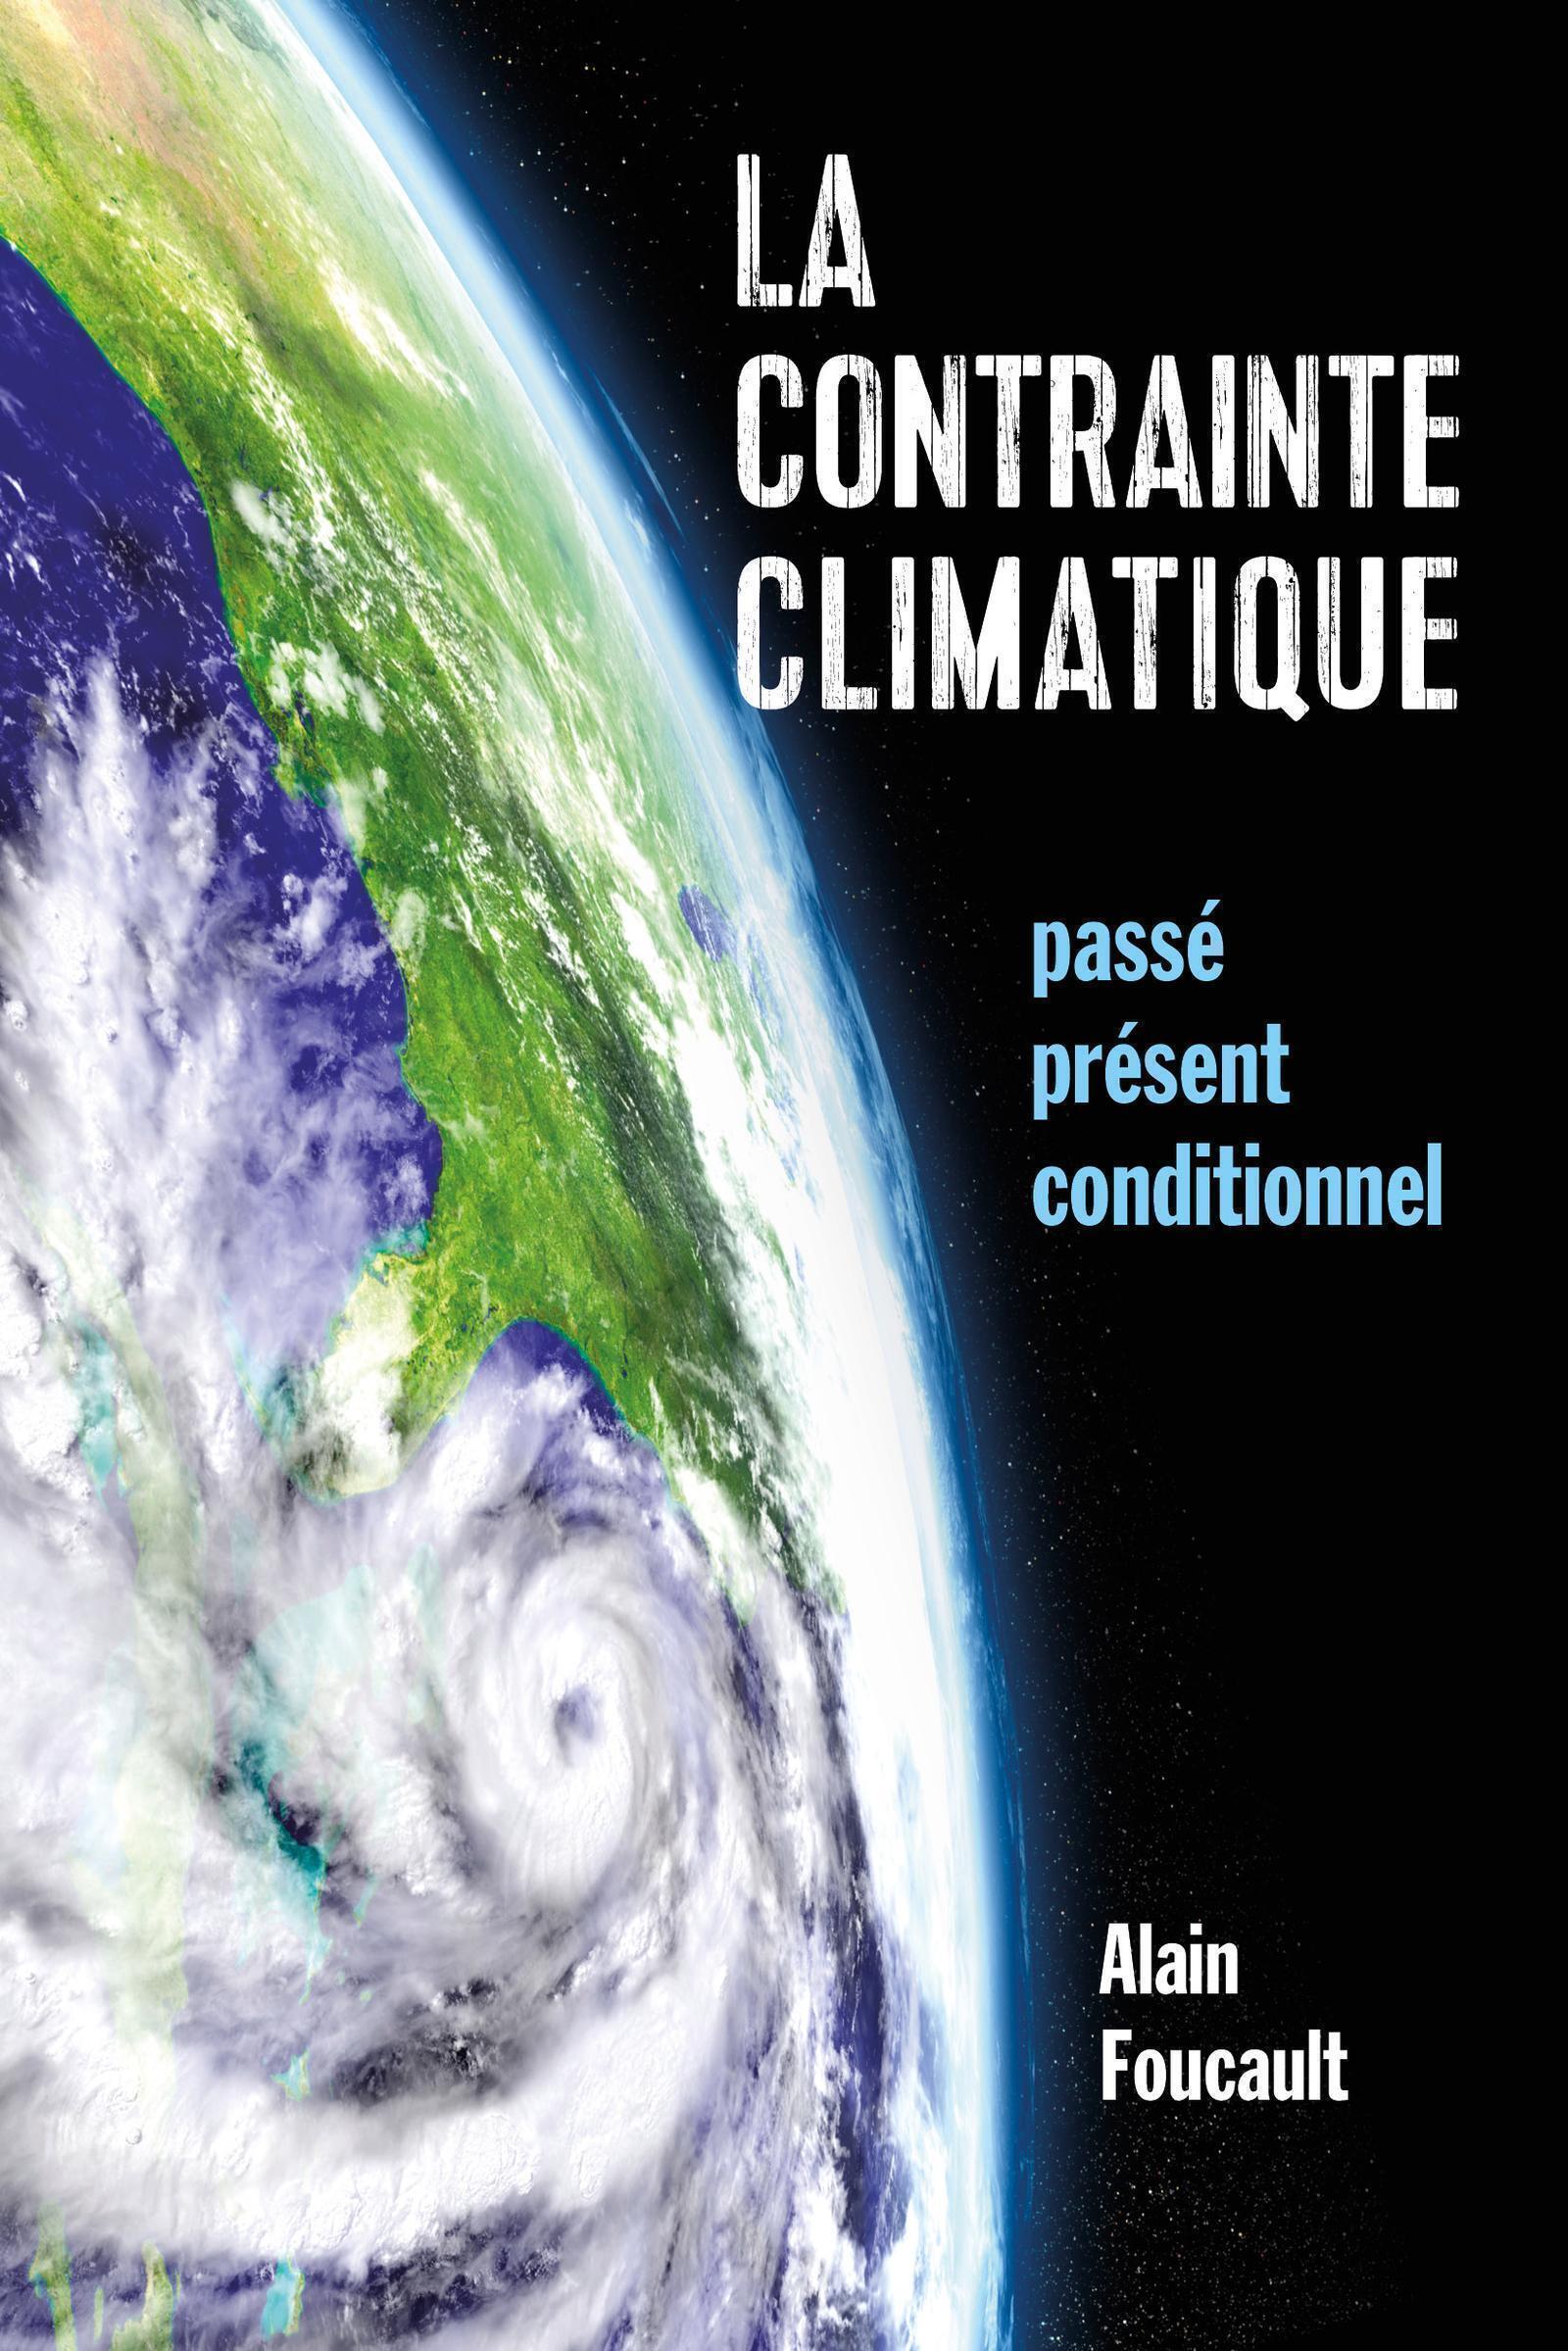 LA CONTRAINTE CLIMATIQUE - PASSE PRESENT CONDITIONNEL